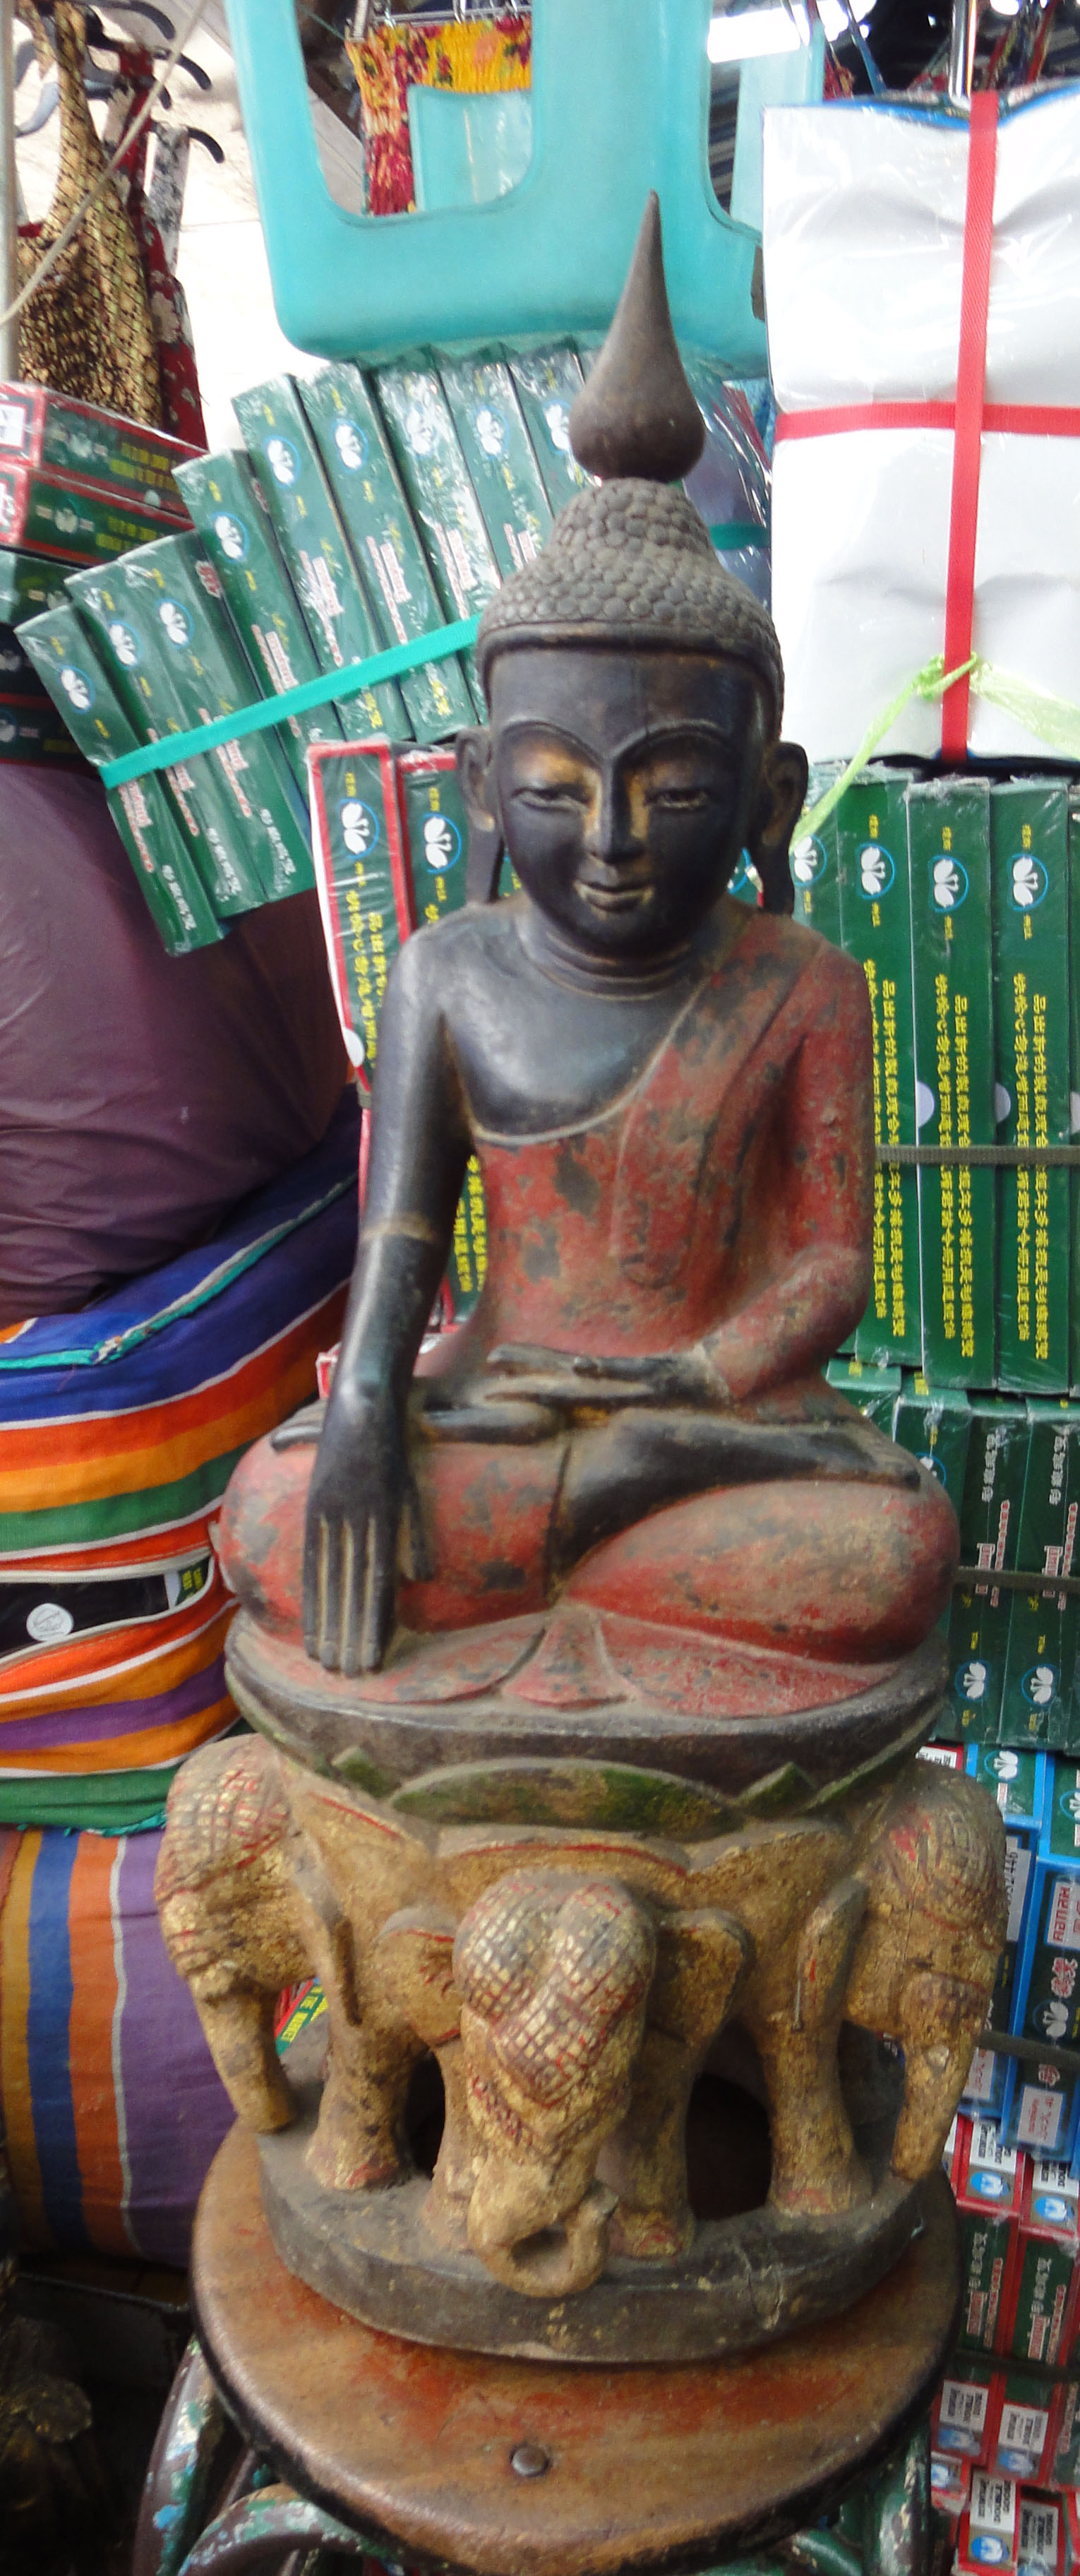 Chatuchak weekend market the Buddha trade 2010 03